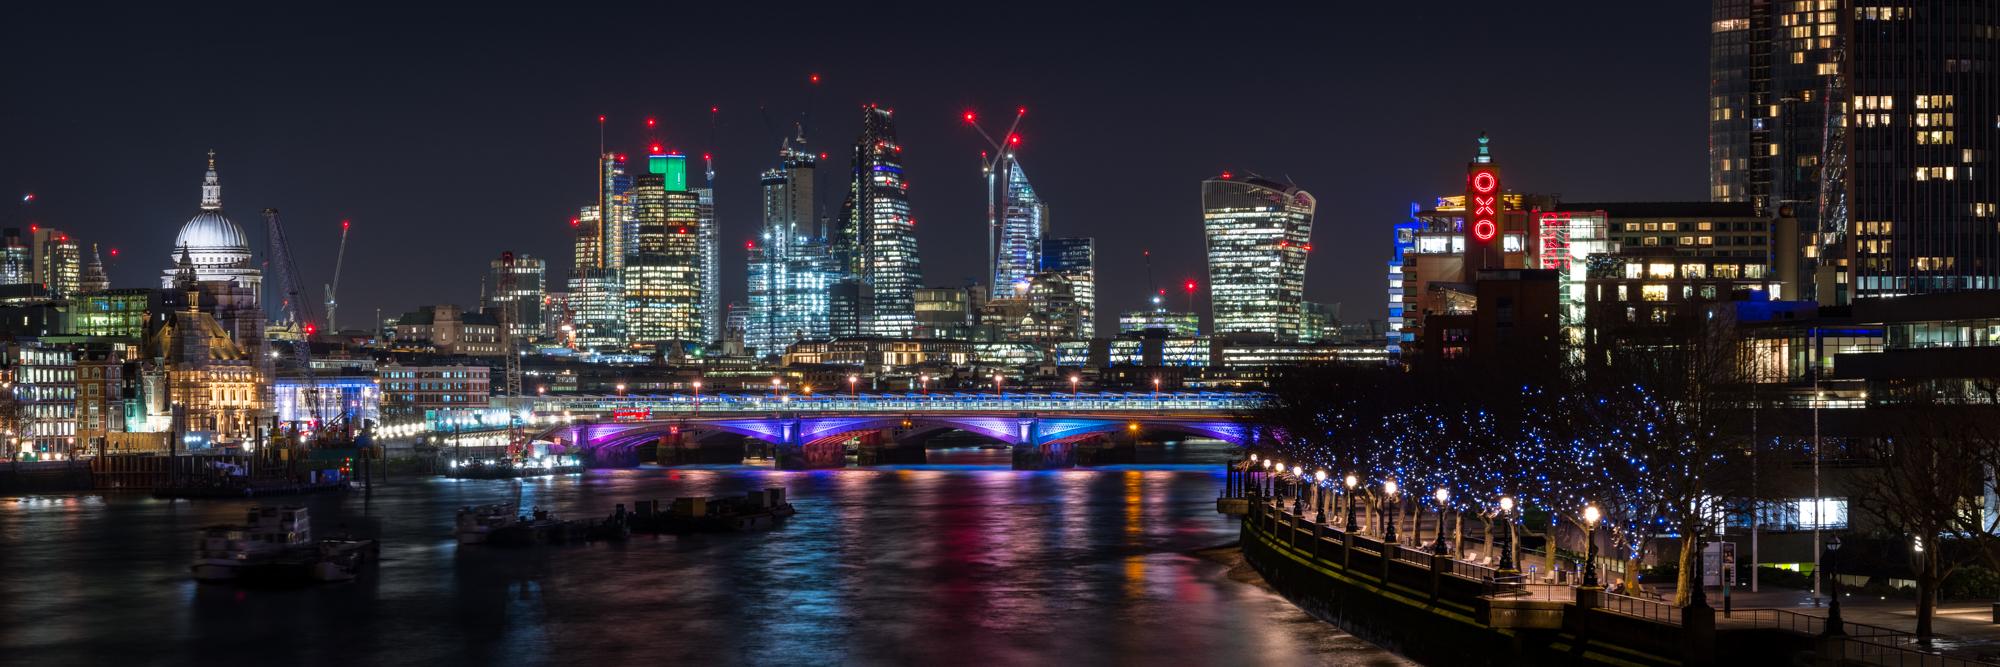 Panoramic photo of London at Night taken by Trevor Sherwin